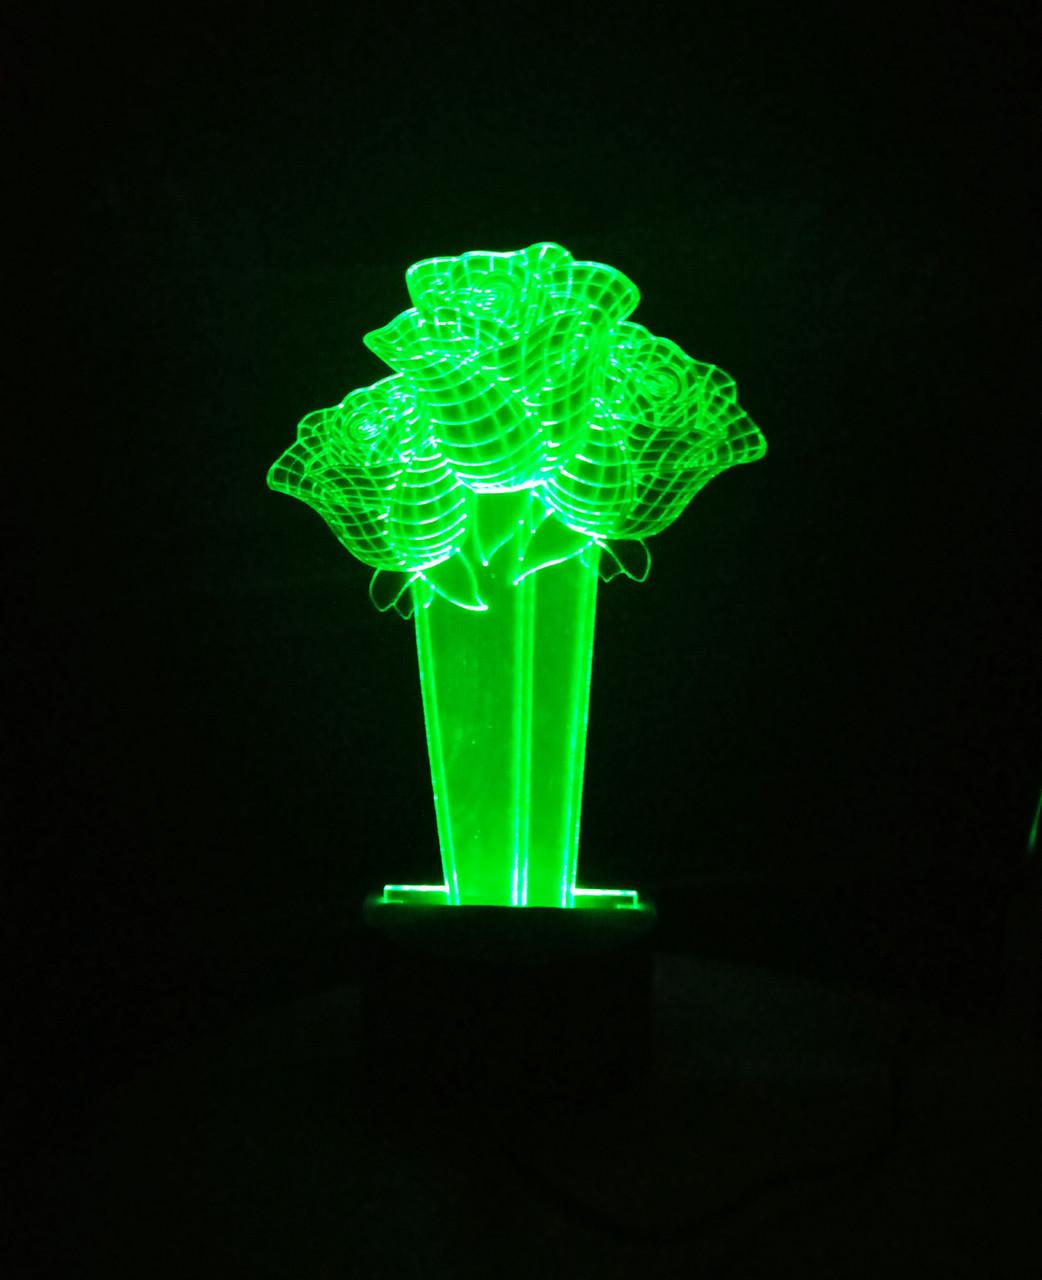 3d-світильник Букет 3 троянди, 3д-нічник, кілька підсвічувань (на пульті)